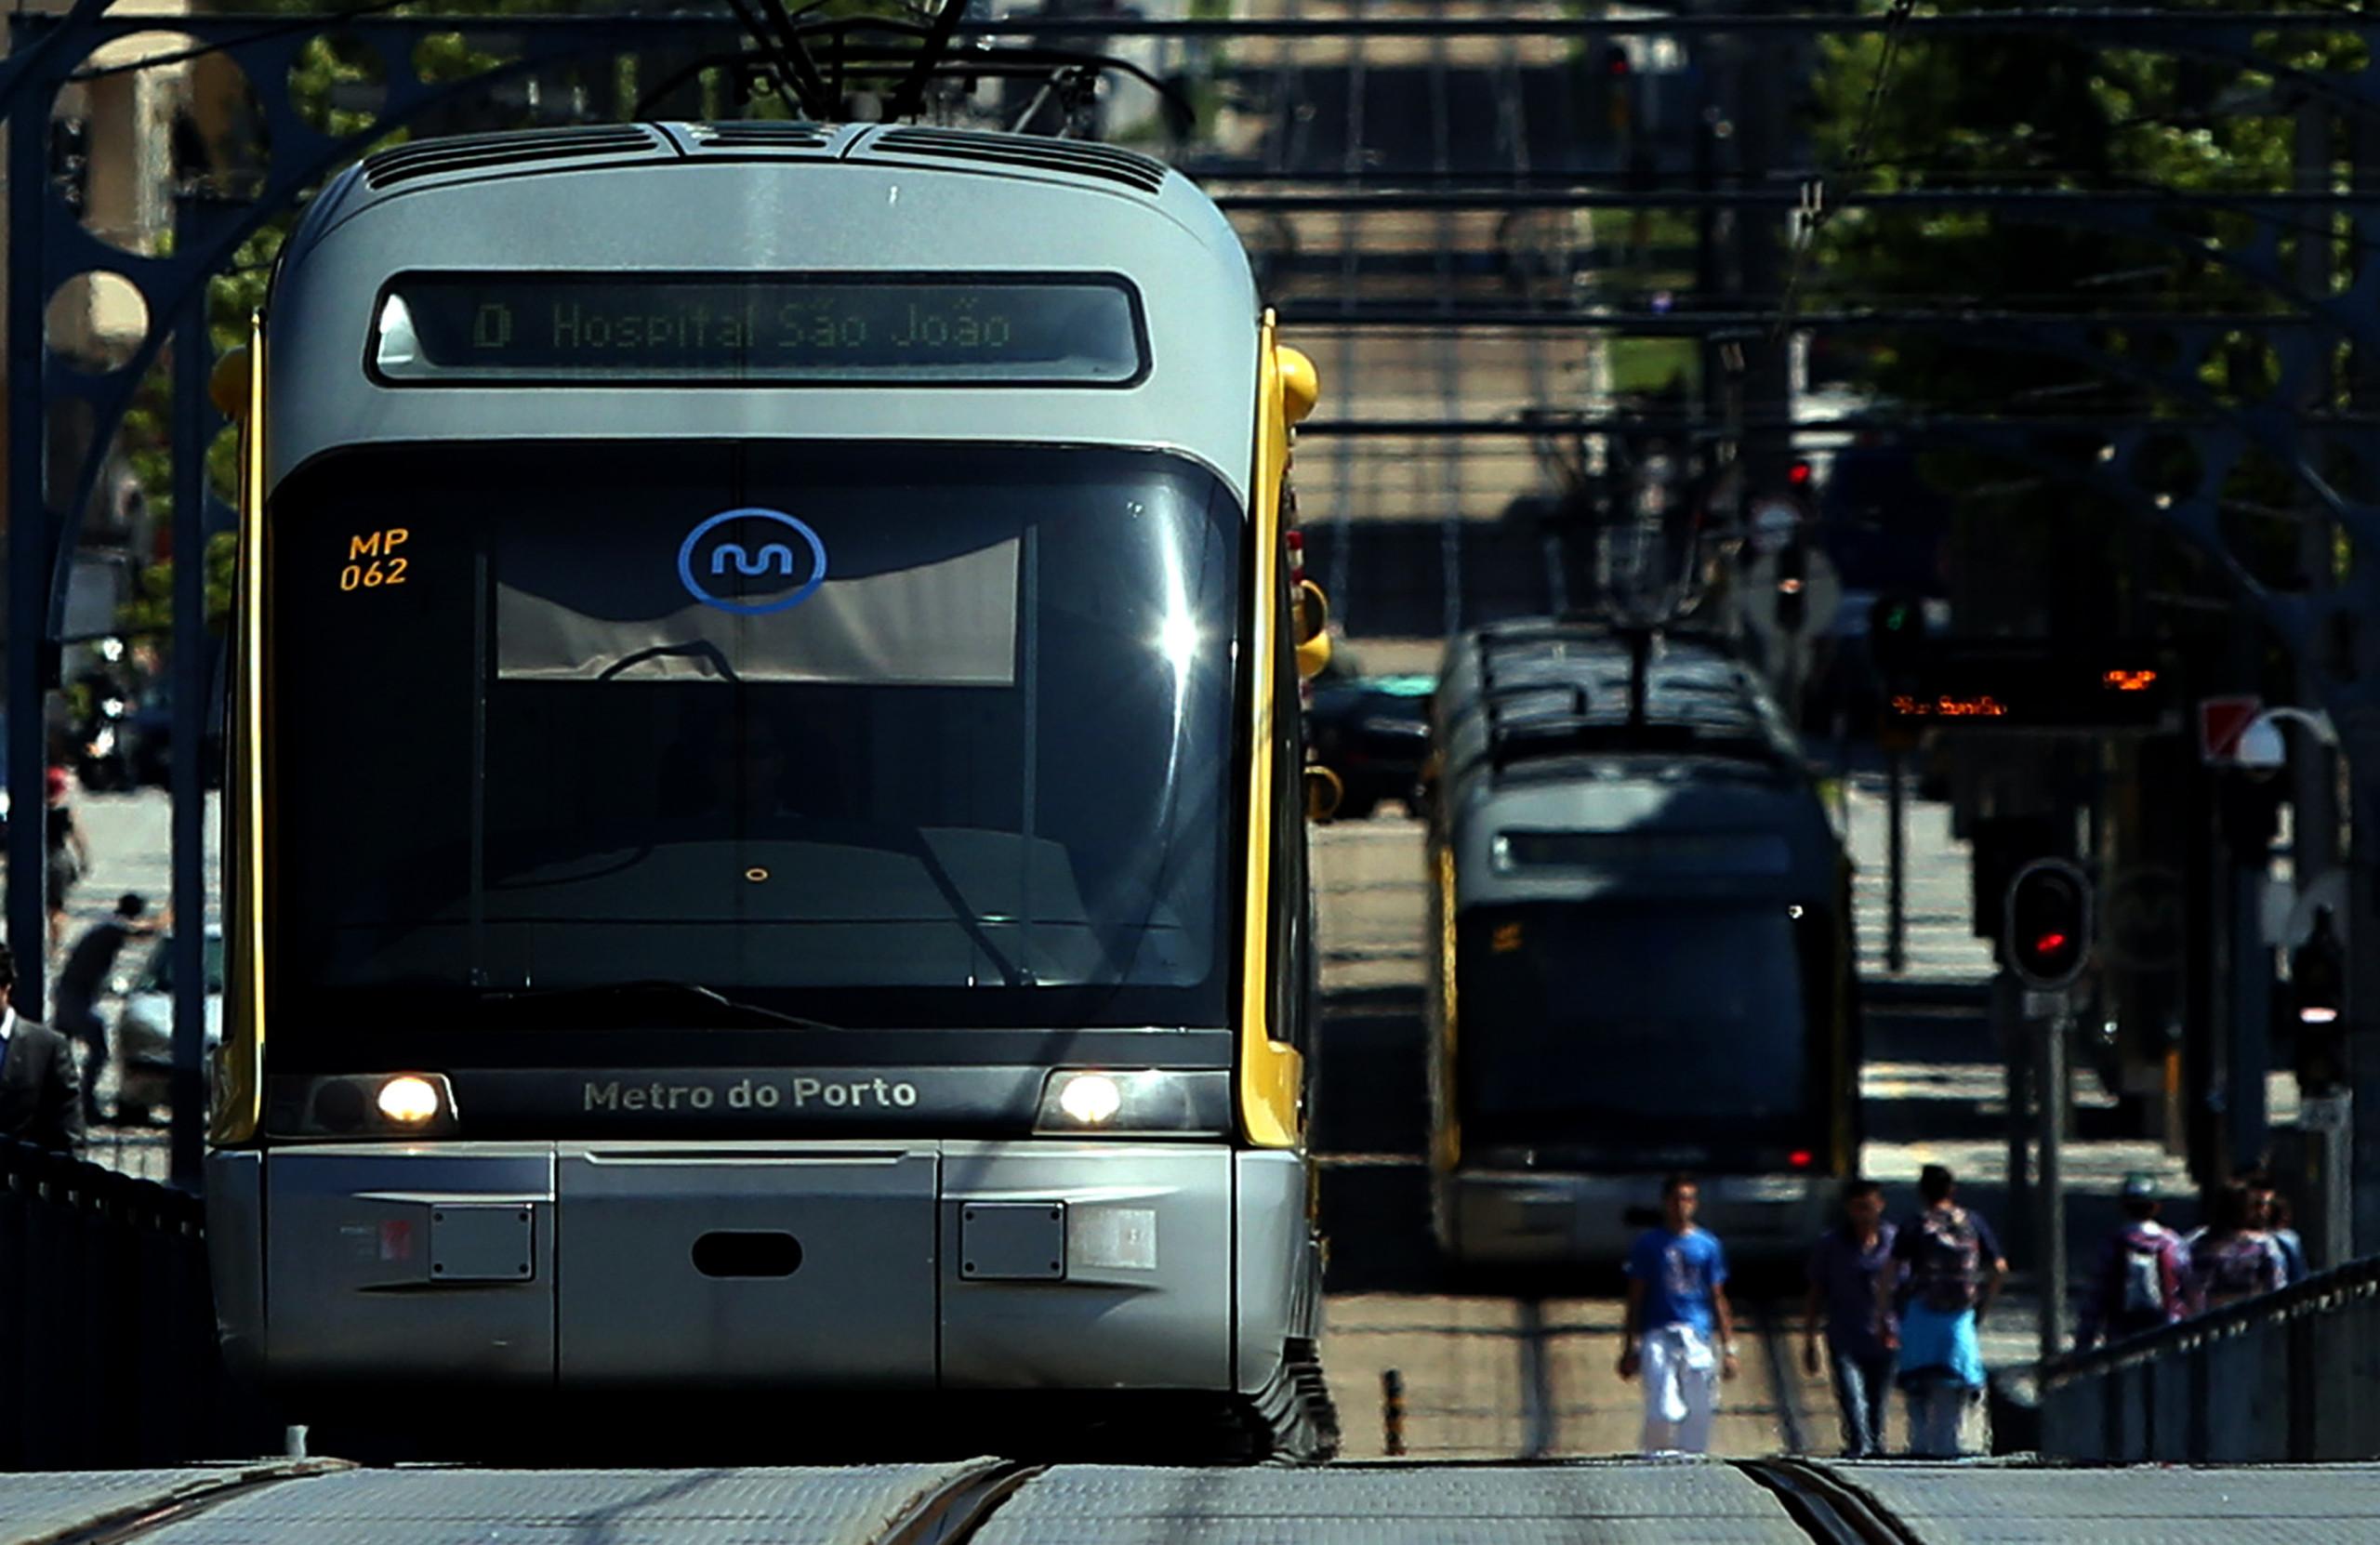 Circulação do metro do Porto condicionada durante fim de semana